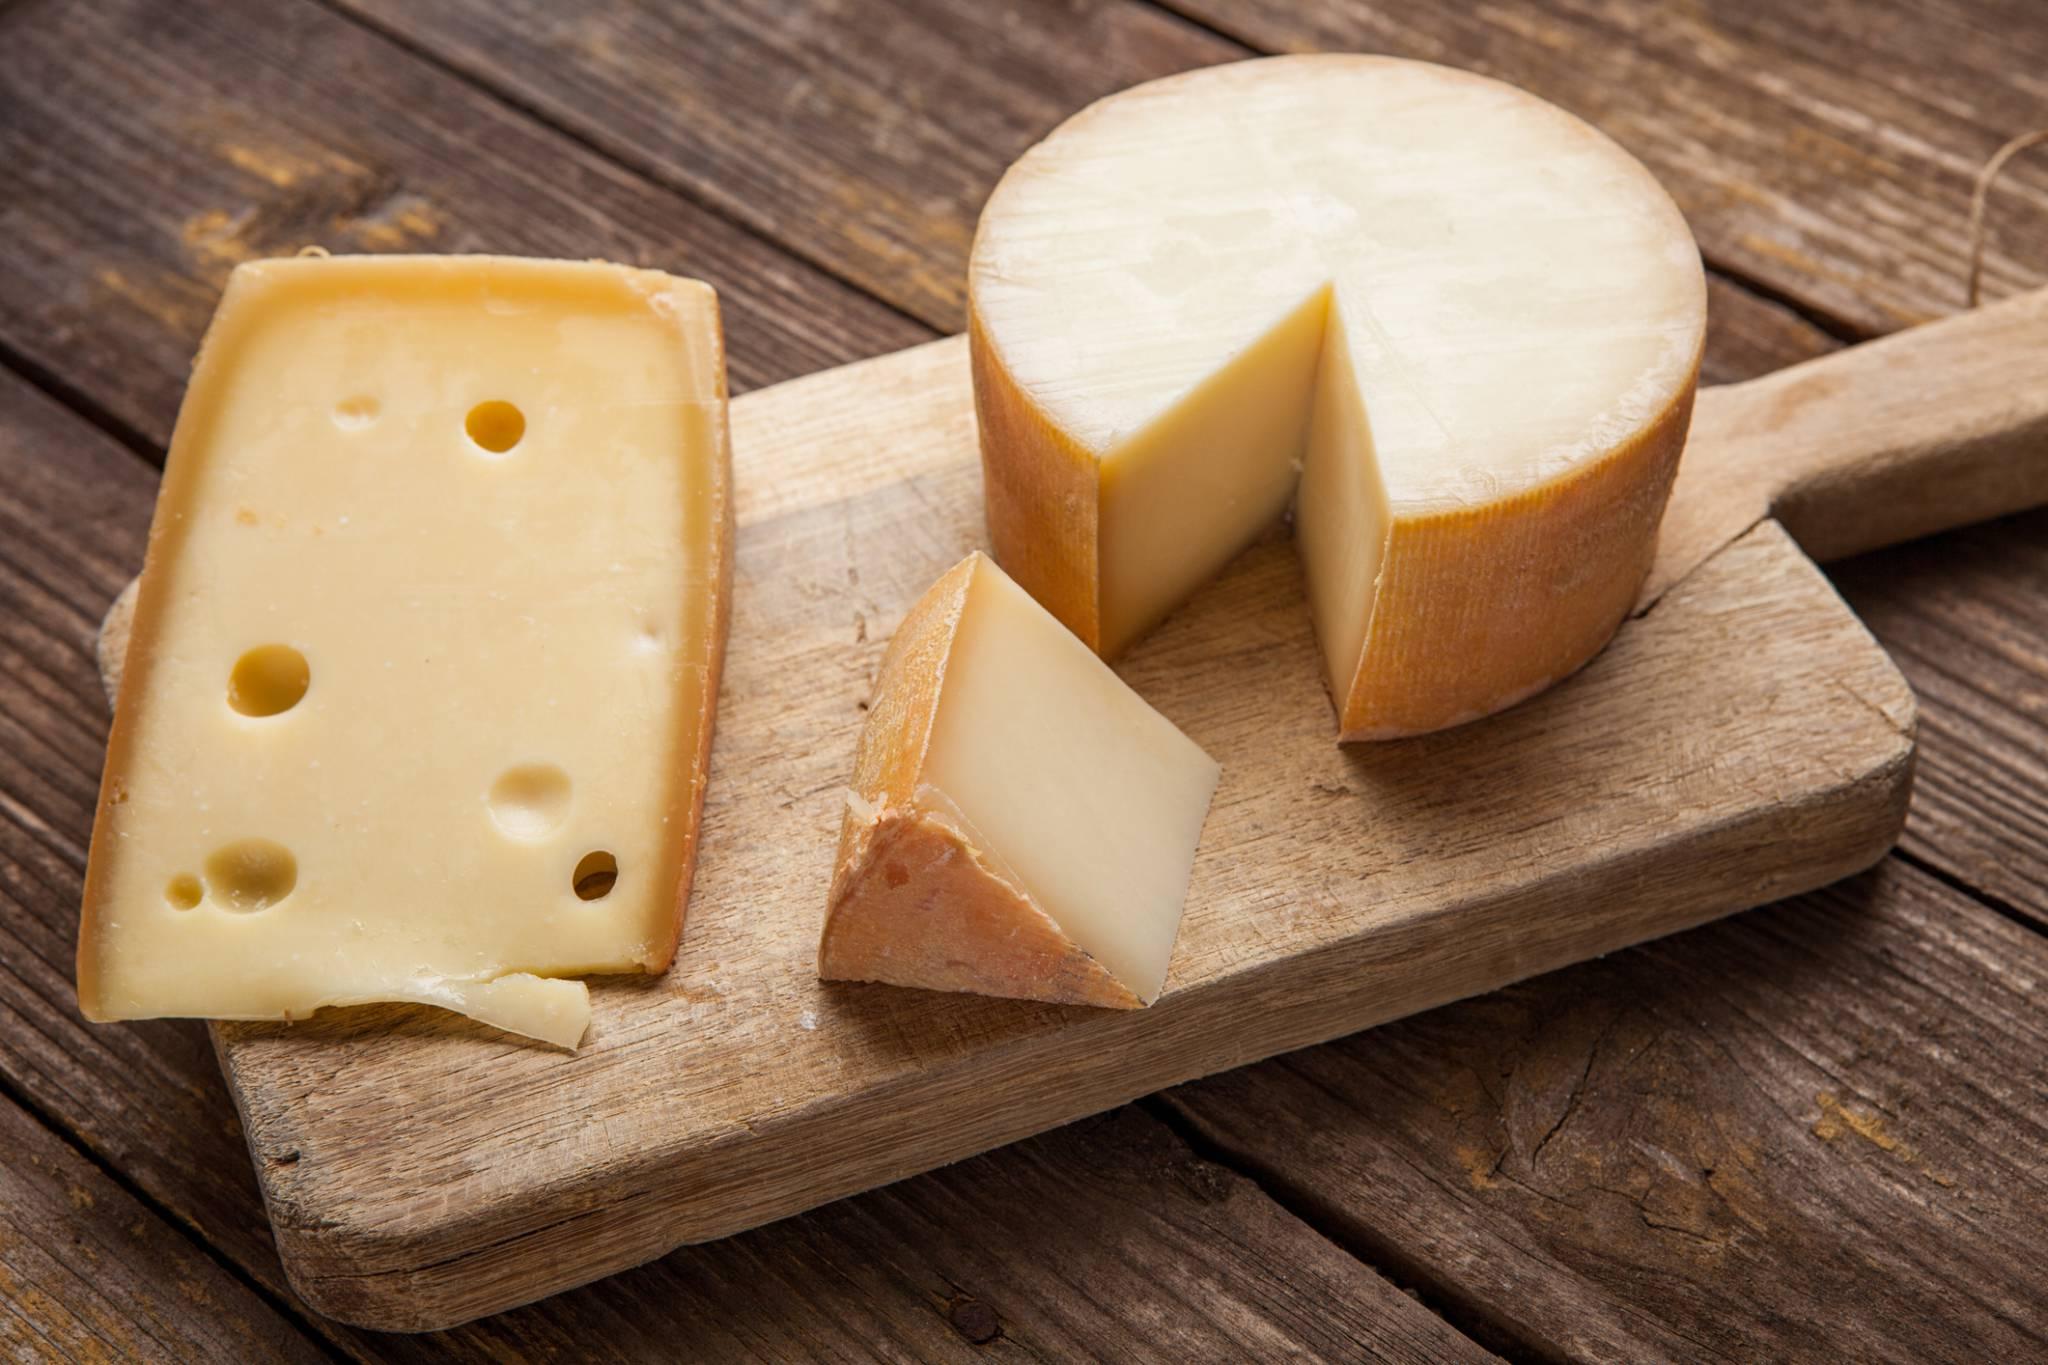 Czy laktoza nam szkodzi? Czy powinniśmy z niej zrezygnować? – o mitach, które wpływają na nasze zdrowie mówi dr hab. n. med. Ewa Lange